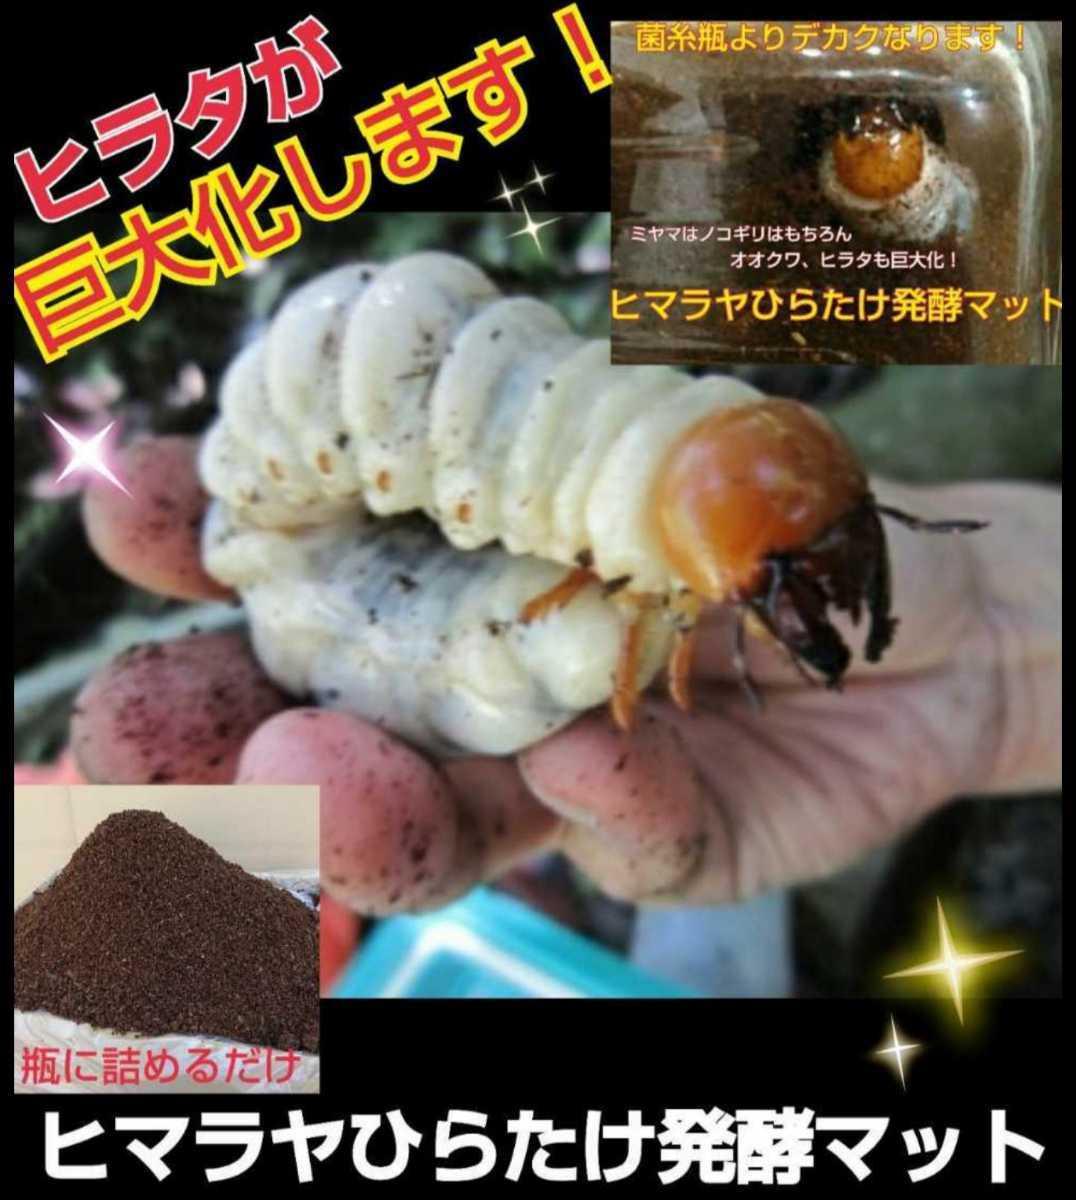 80リットル 幼虫がビッグサイズに!ヒマラヤひらたけ菌床発酵カブトムシマット!抜群の栄養価! クヌギ100% 幼虫の餌、産卵マットにも最高_画像10